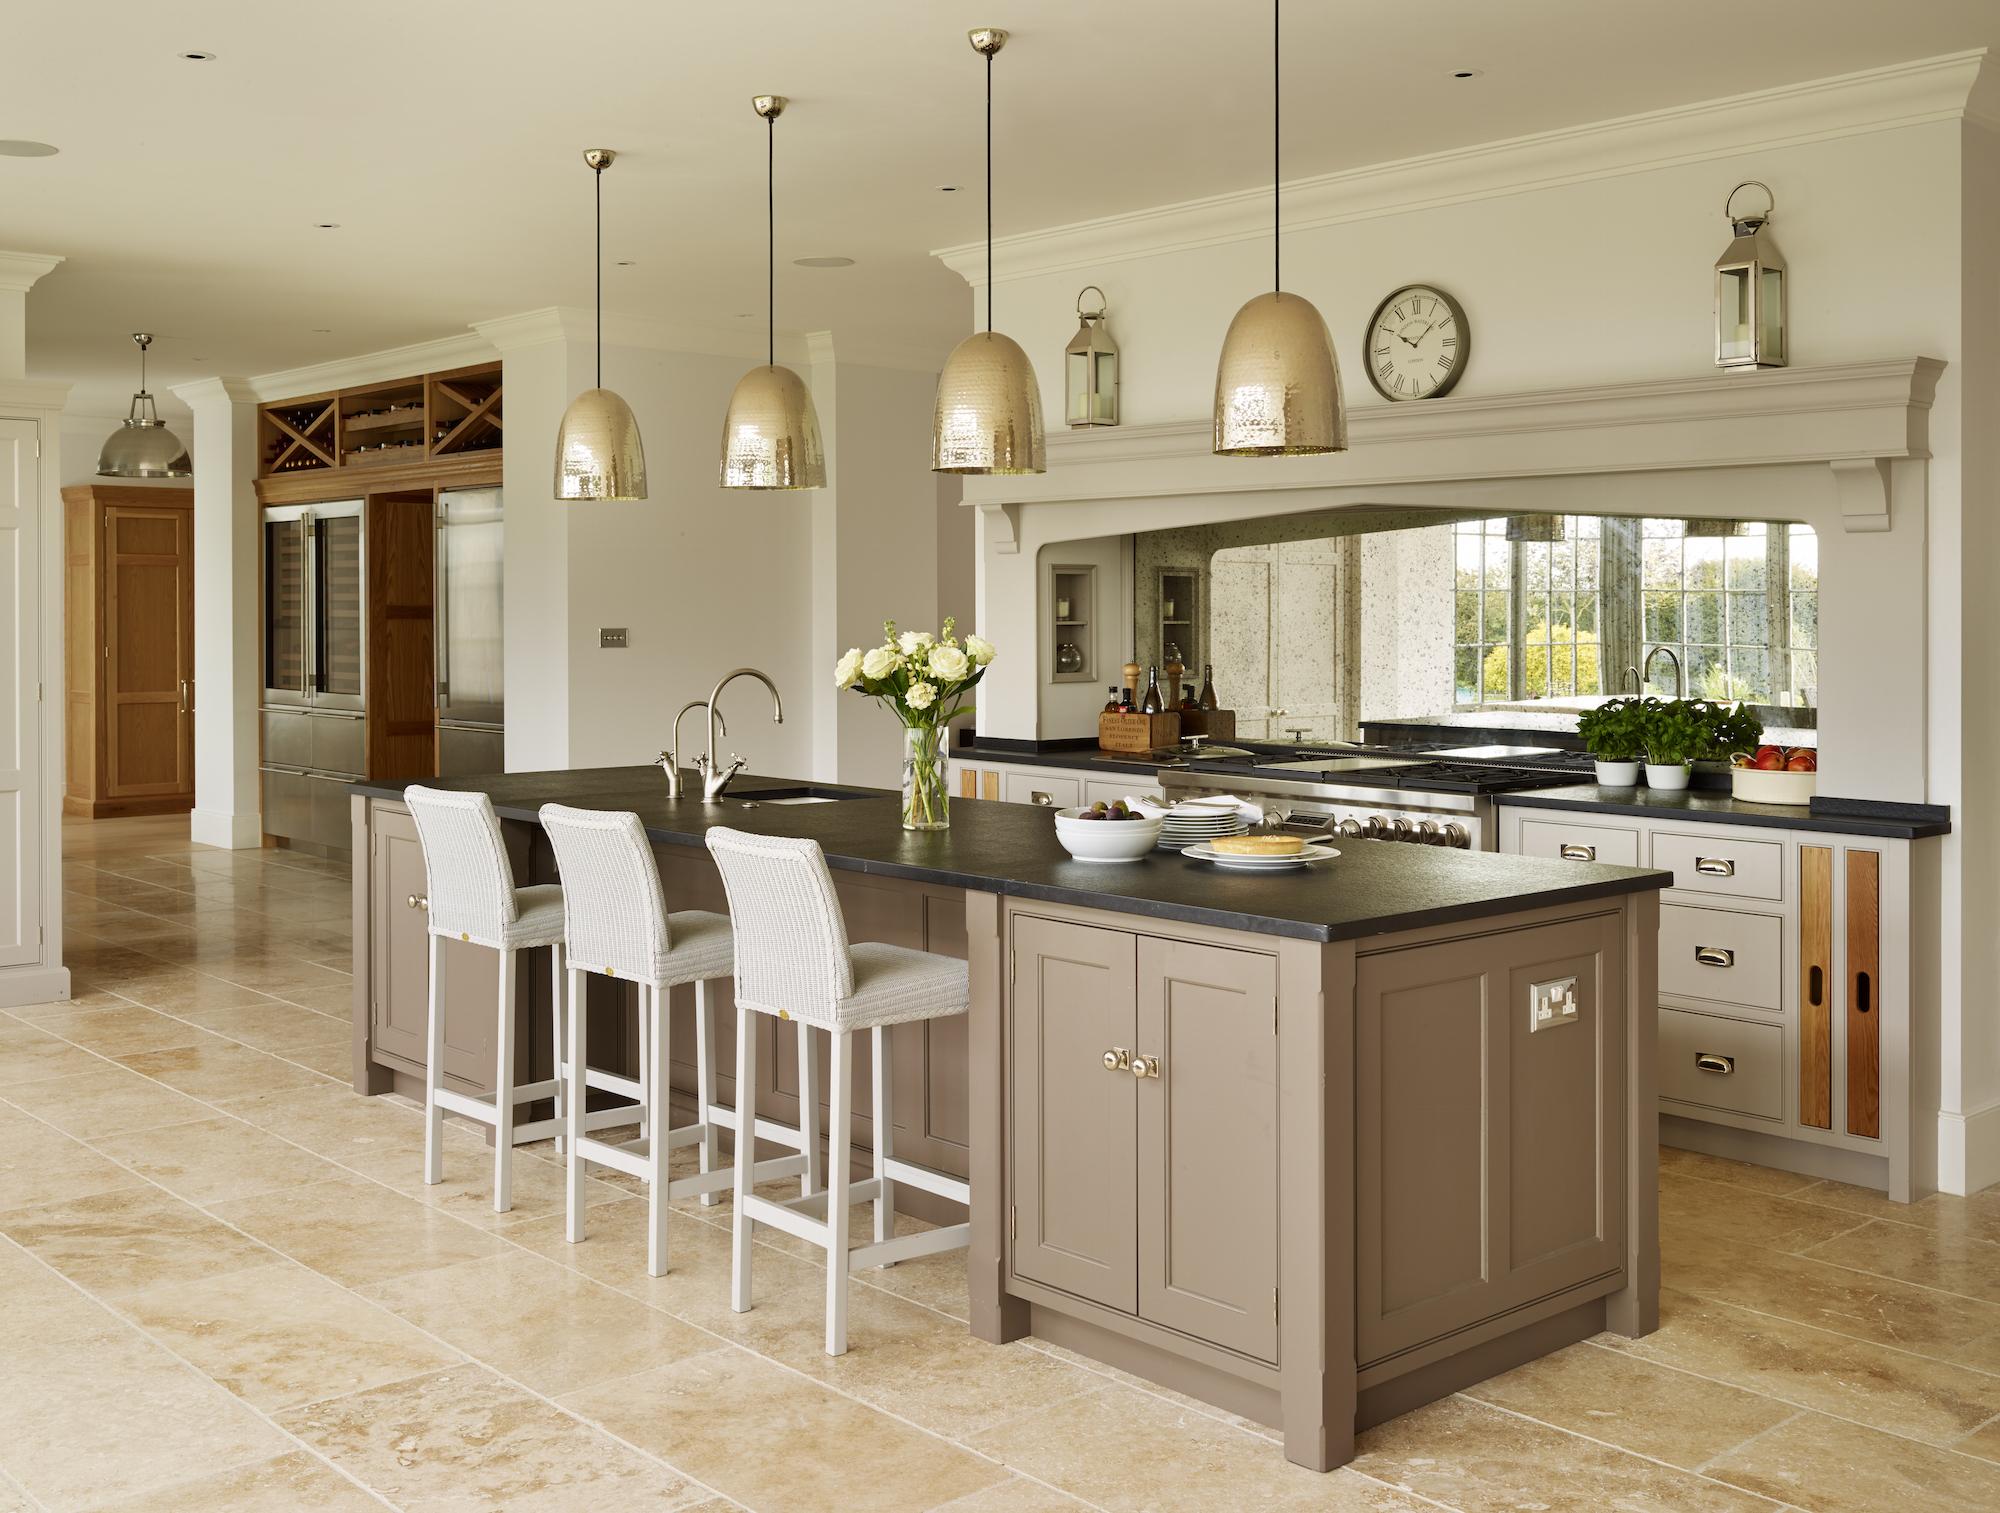 kitchen design ideas beautiful photo - 2